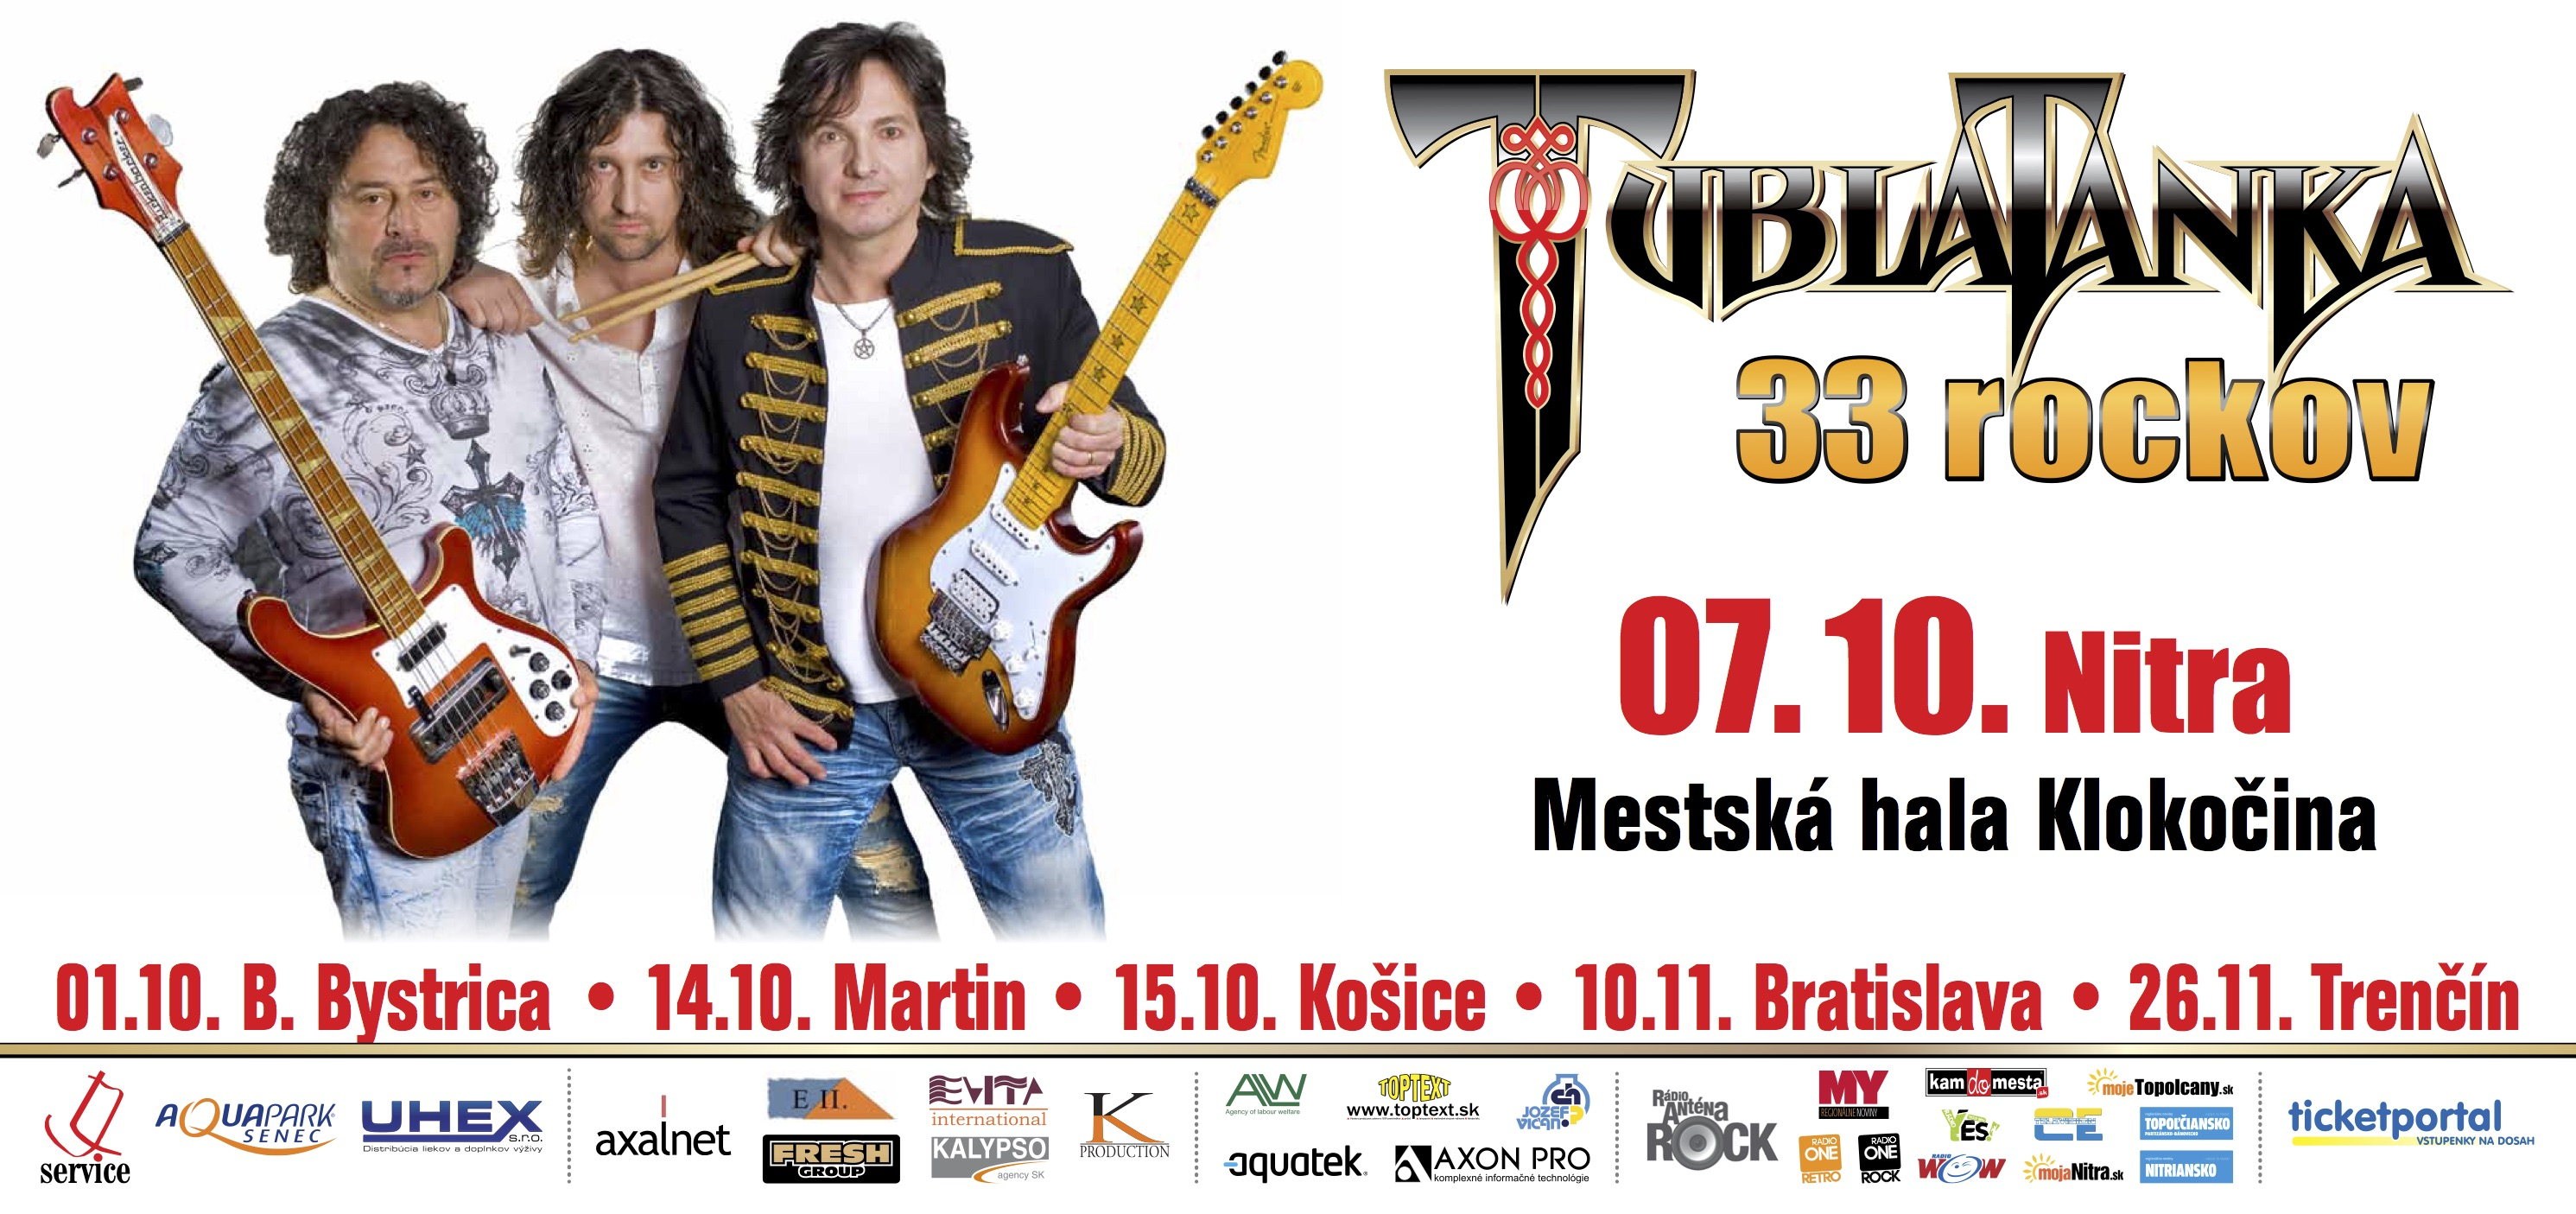 TUBLATANKA 33 rockov - oslavovať sa bude a - Kam v meste  79dab81fa6f